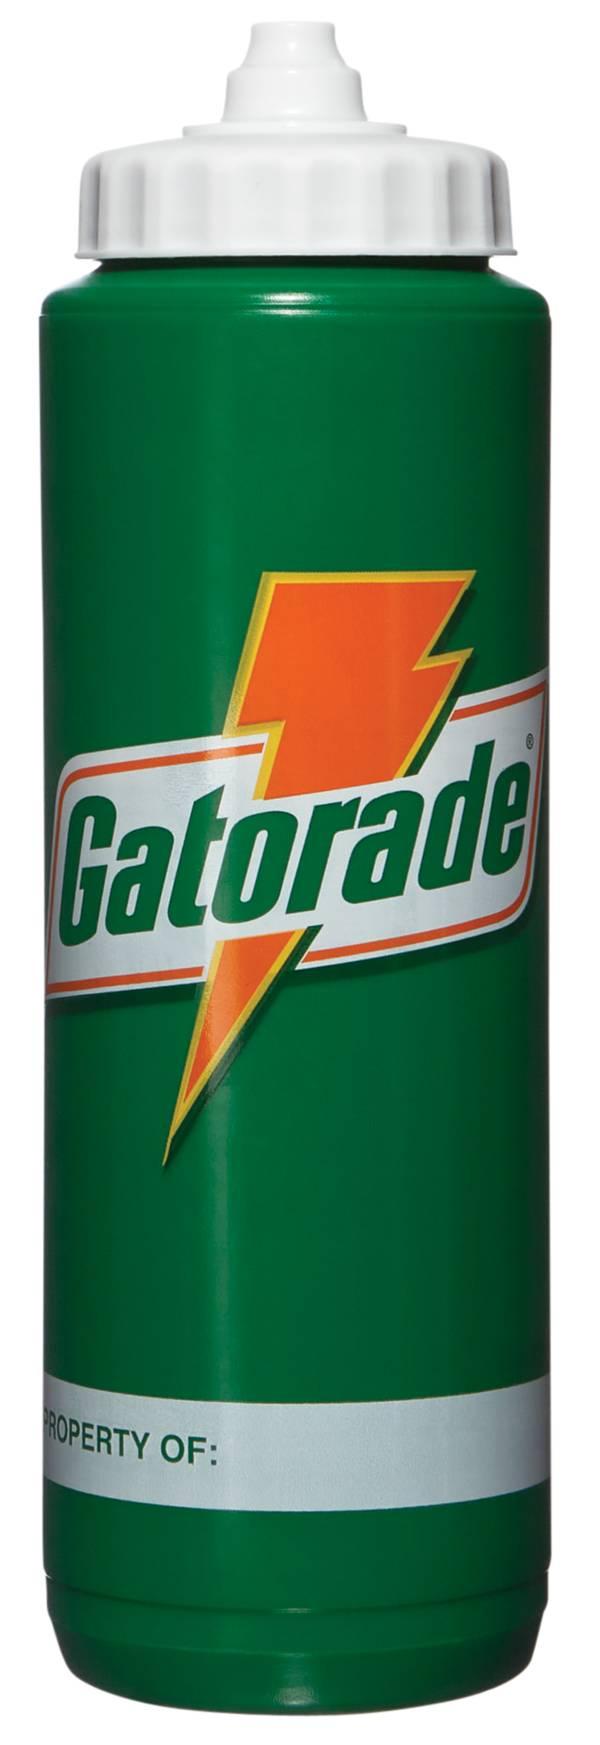 Gatorade 32 oz. Retro Bottle product image